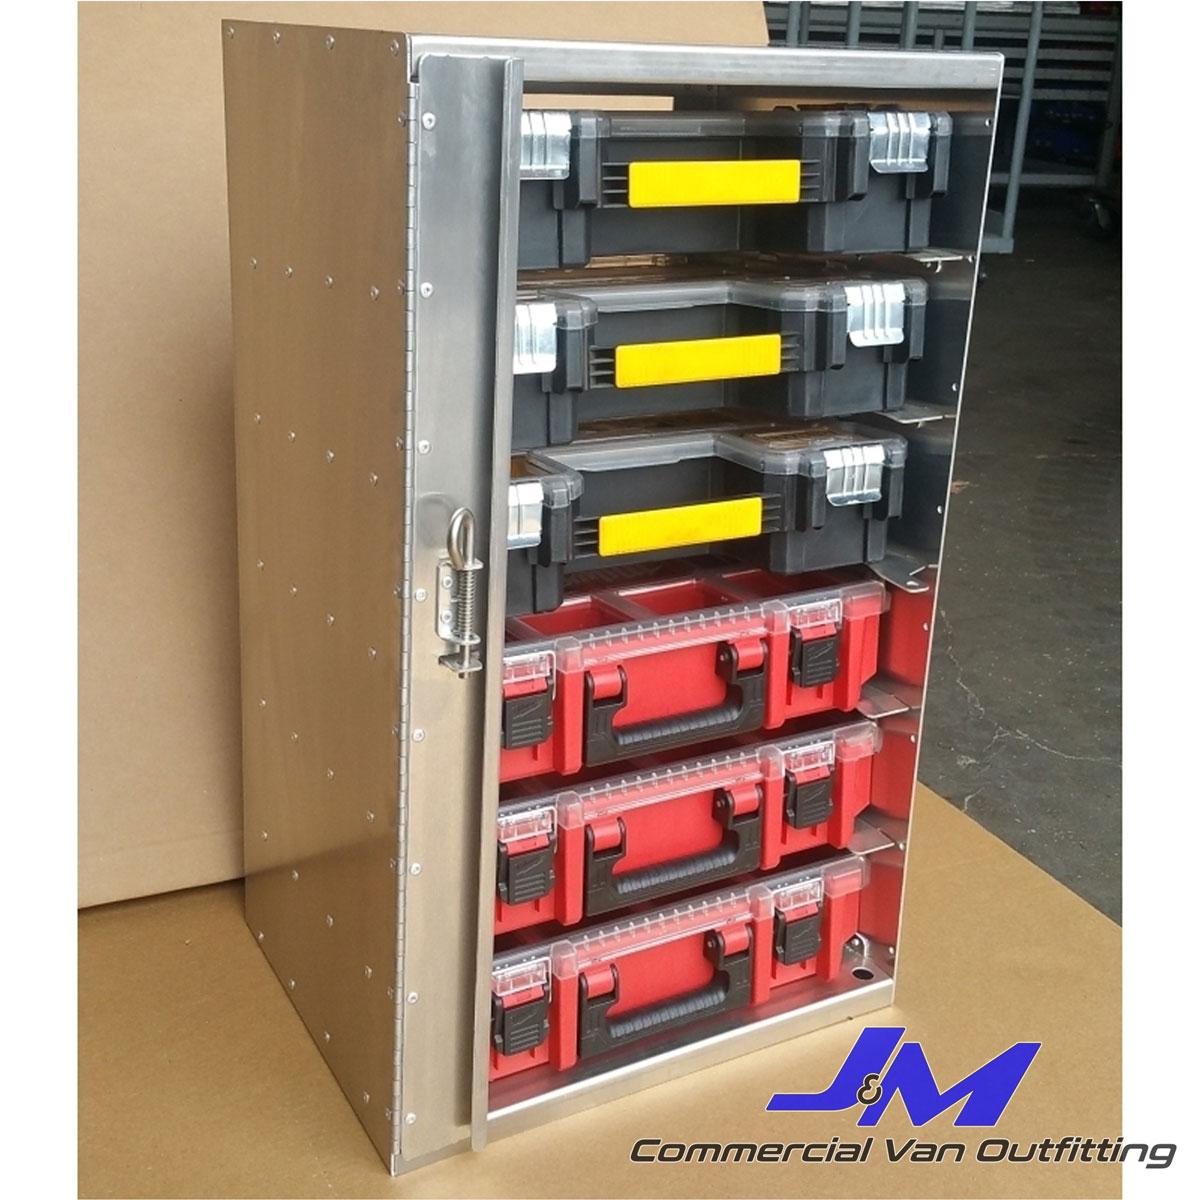 parts organizer tower fits 6 dewalt milwaukee bins sku 030004